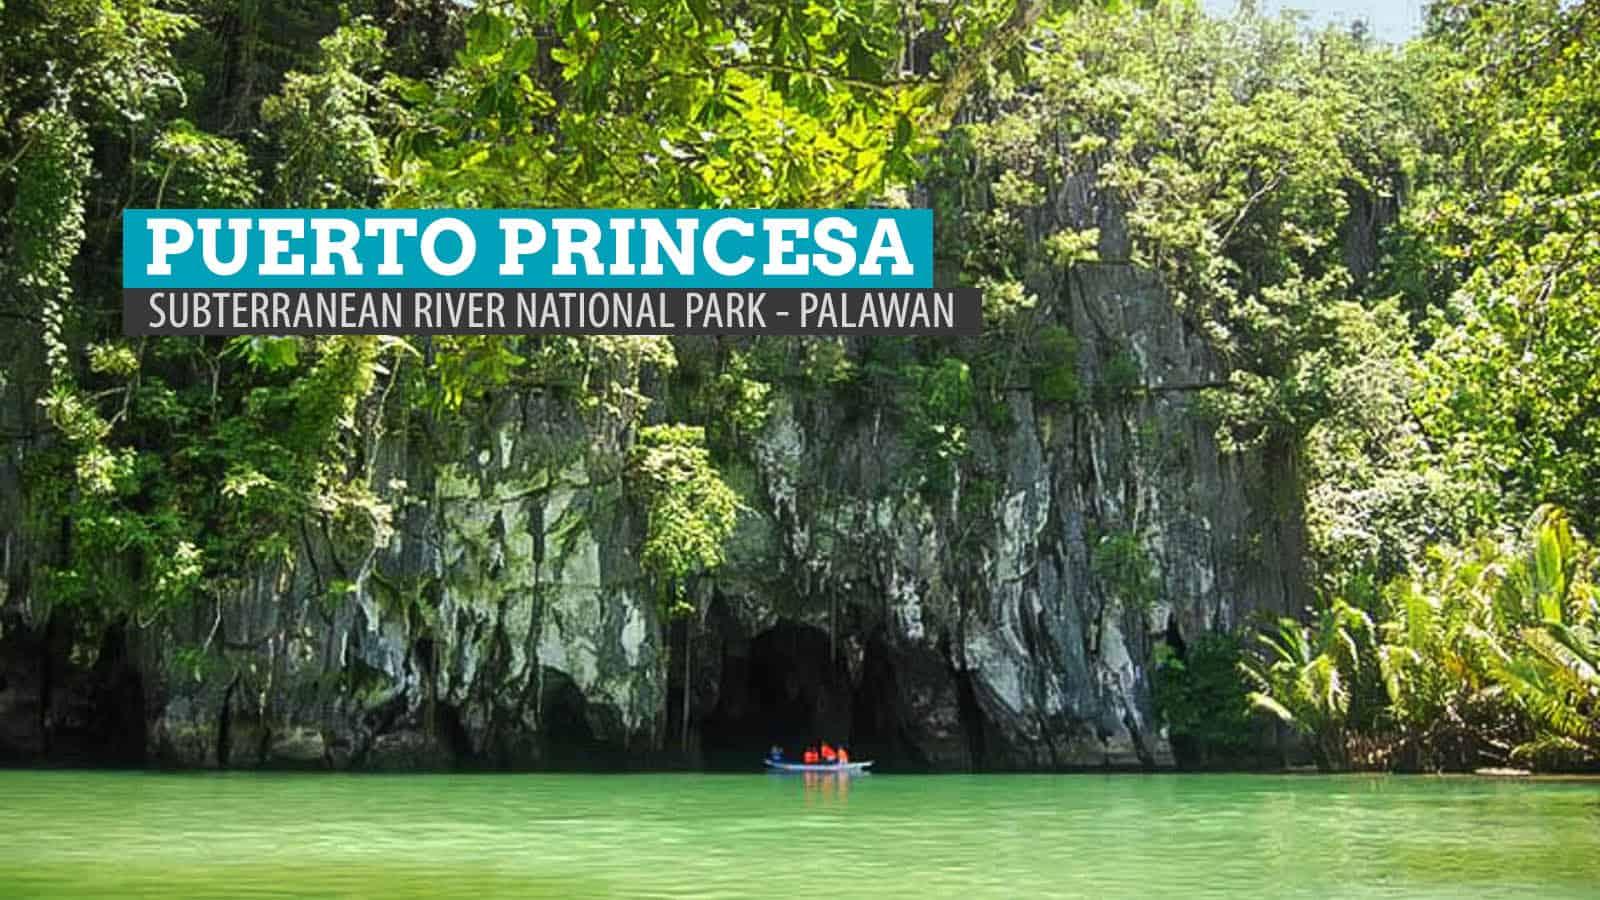 Puerto Princesa Subterranean River National Park A World